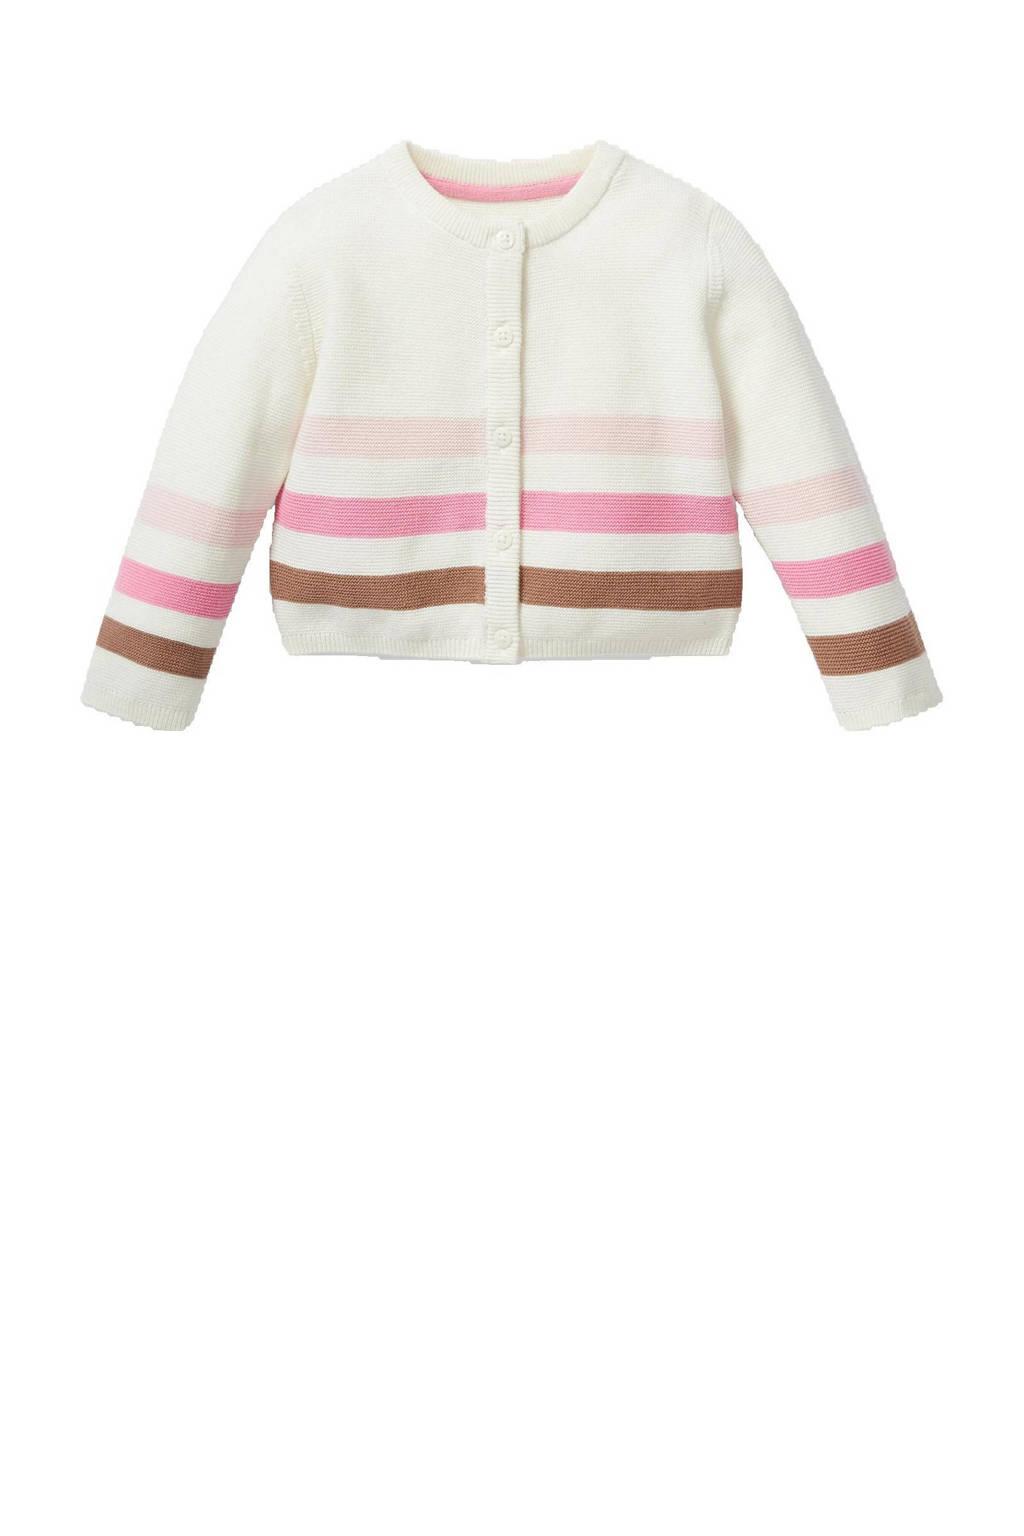 C&A Baby Club baby gestreept vest van biologisch katoen ecru/roze/bruin, Ecru/roze/bruin